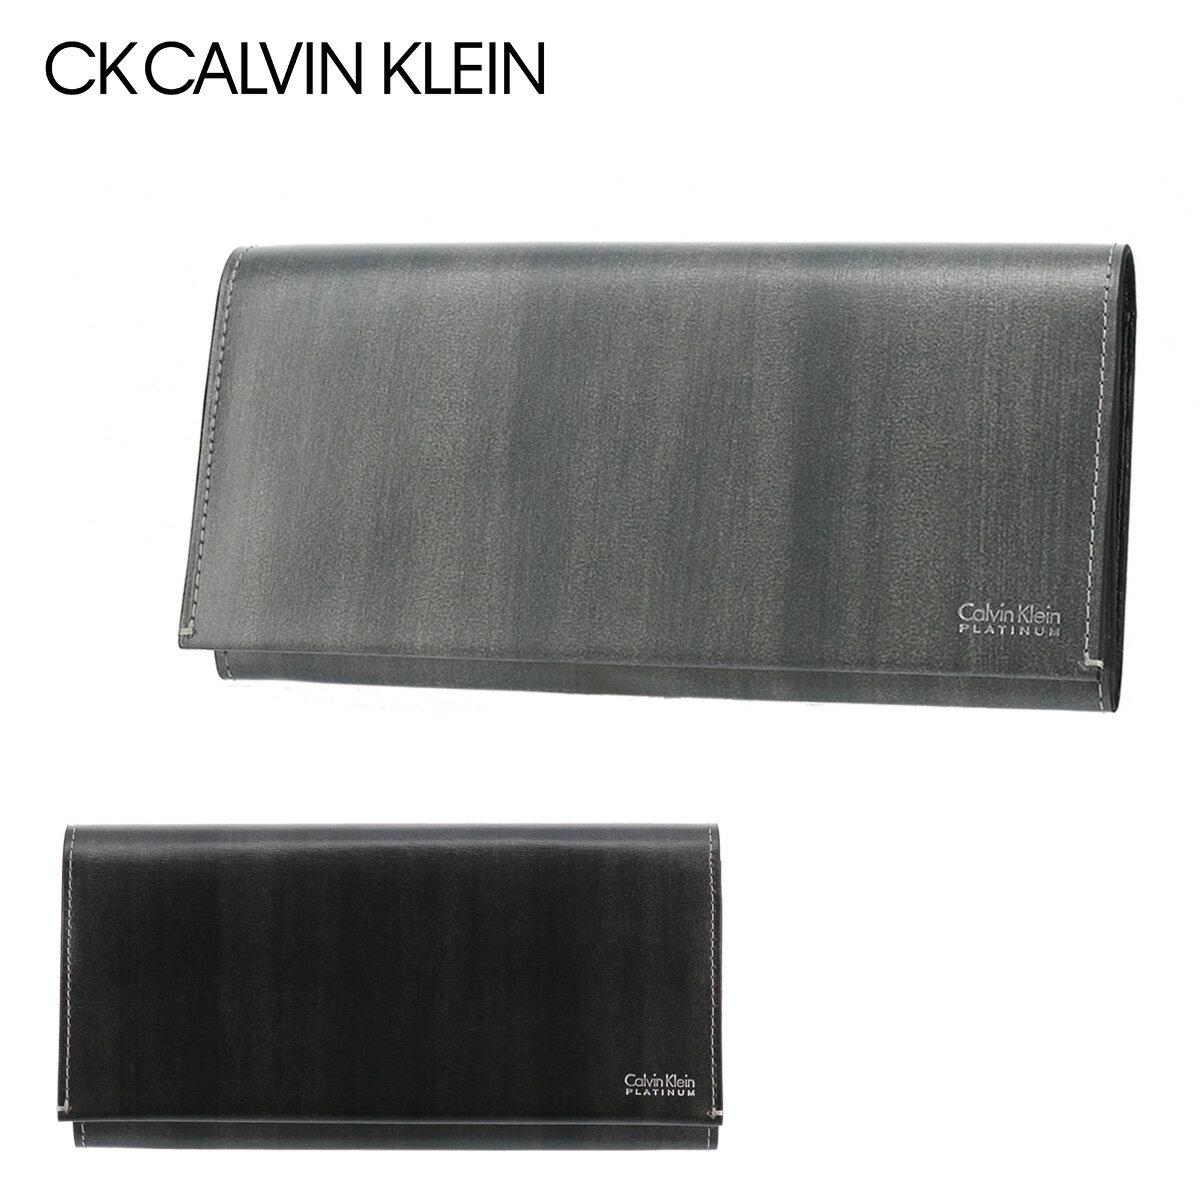 カルバンクライン 長財布 ボルダー 839616 Calvin Klein PLATINUM プラティナム CK シーケー プラチナム メンズ 本革